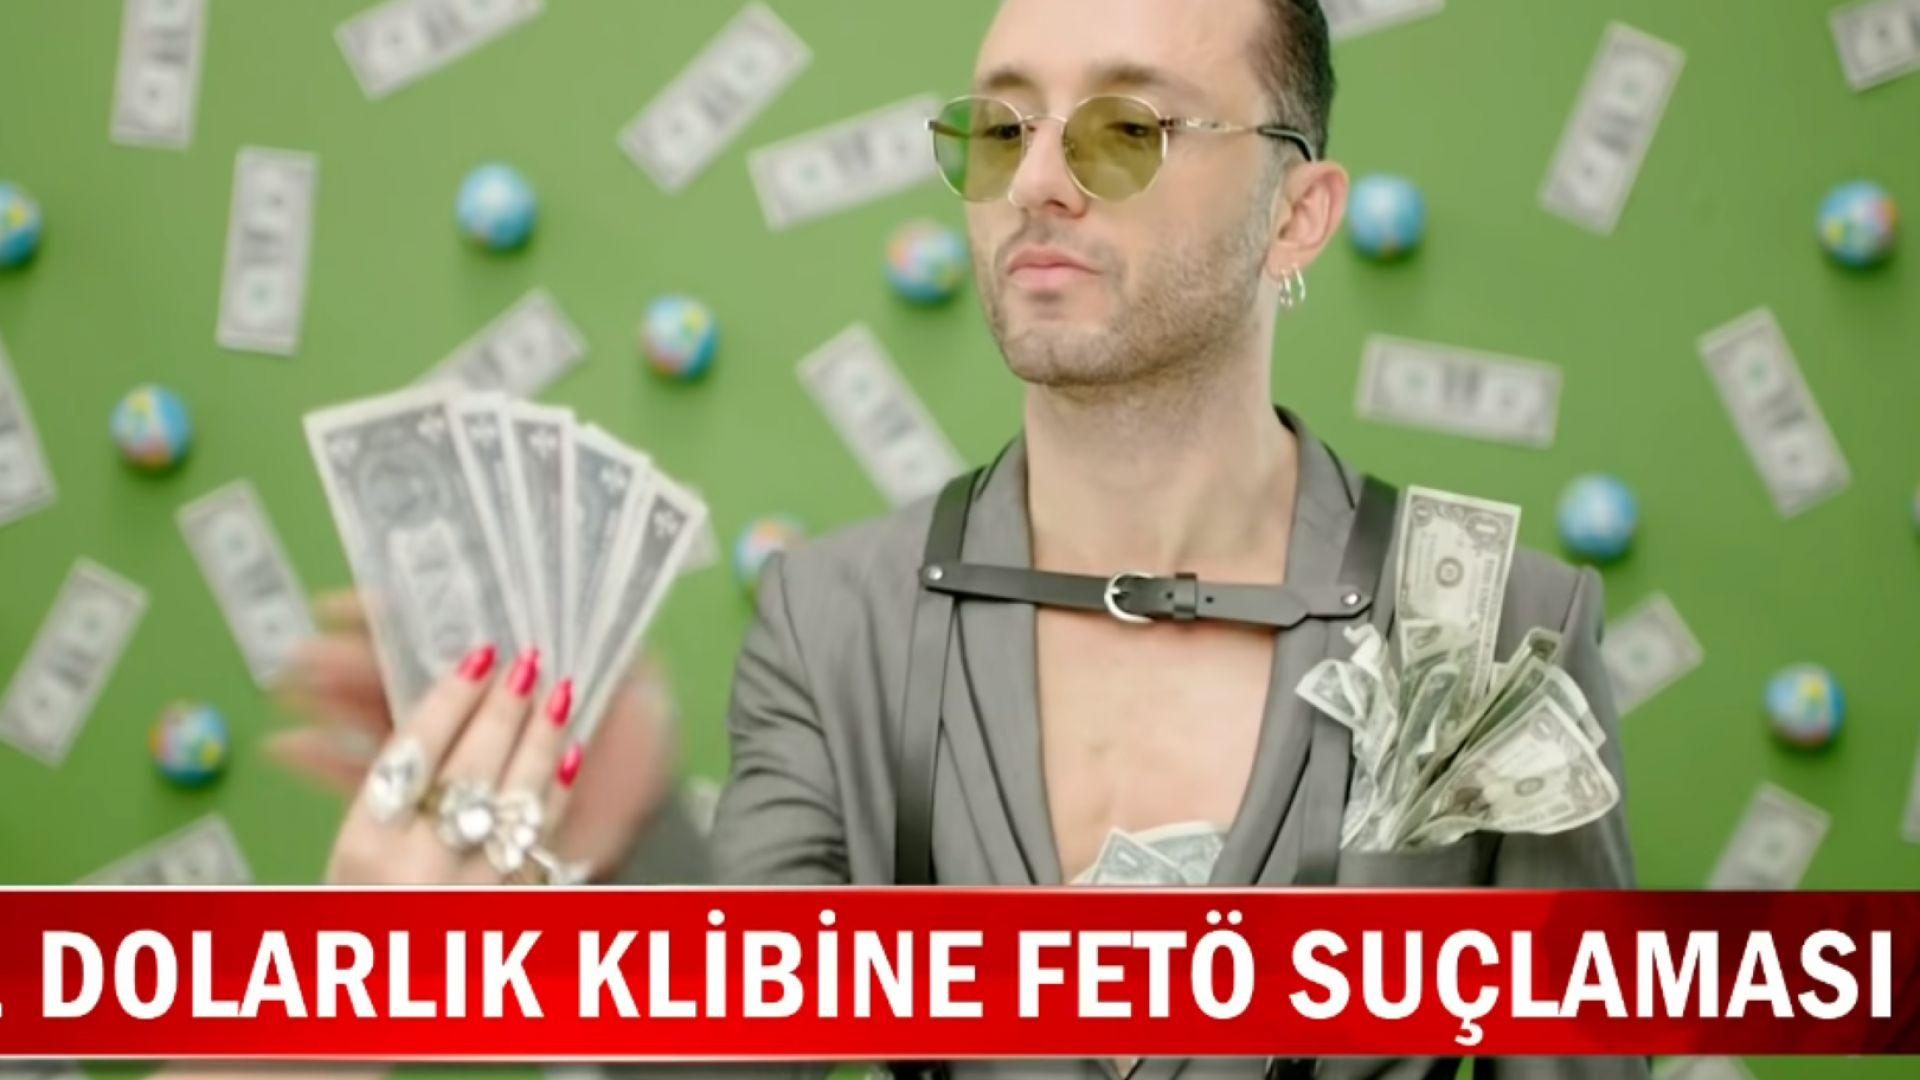 Разследват турски певец заради видеоклип с долари, бил гюленист